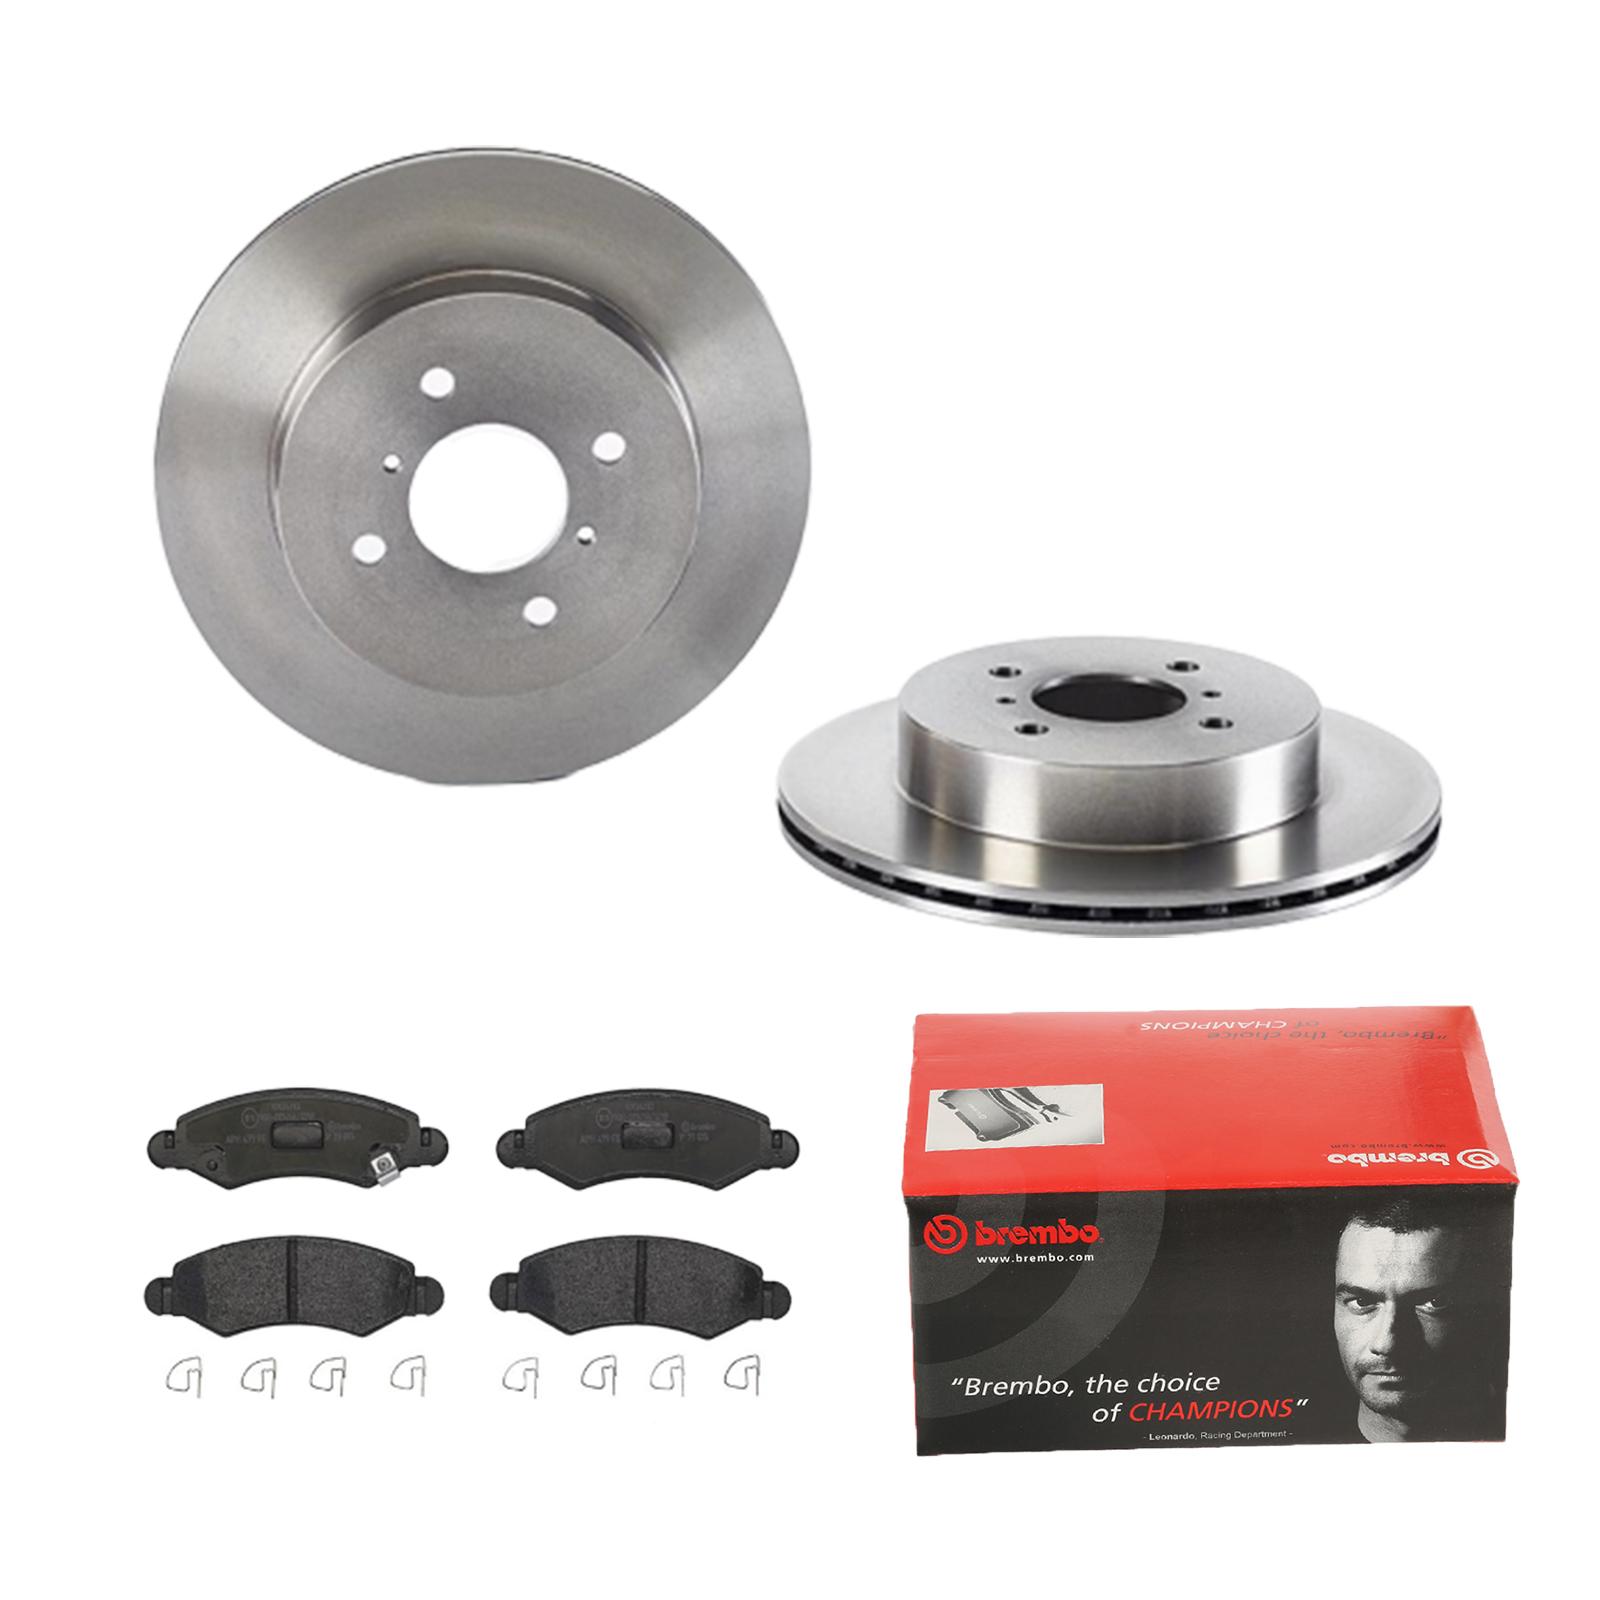 für Volvo Bremsbeläge Hinten u.a Brembo2 Bremsscheiben Voll 260 mm